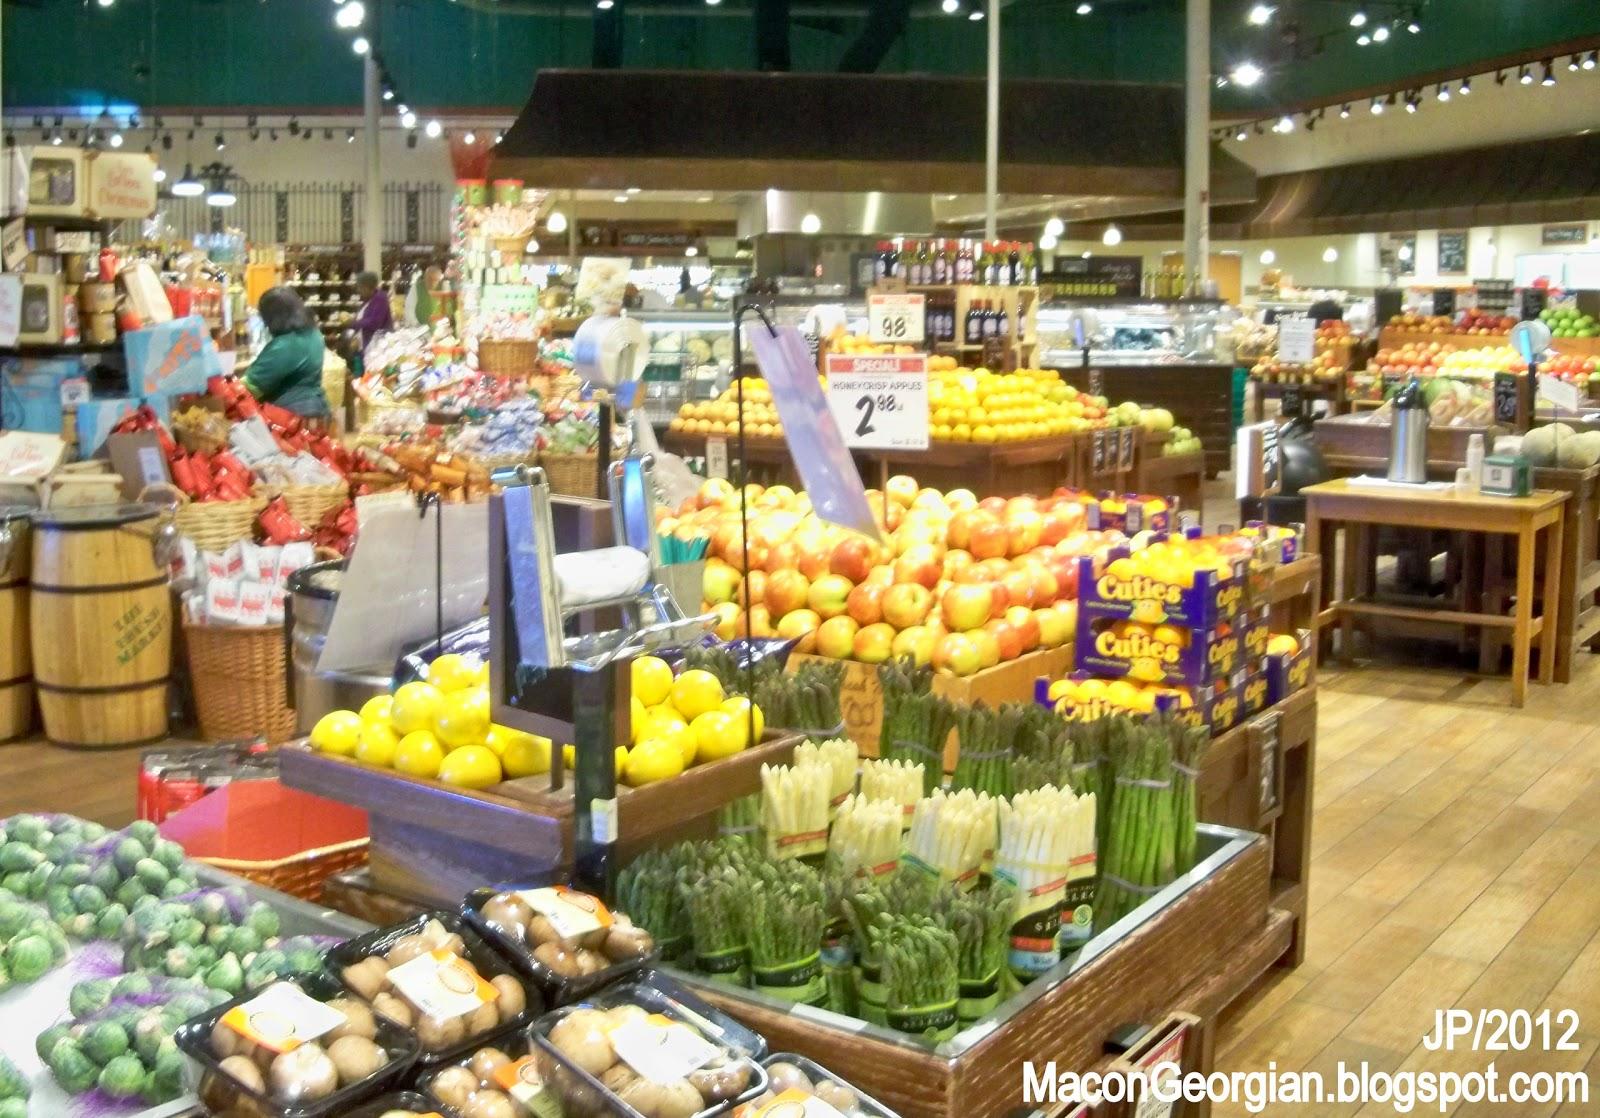 Grocery perimeter